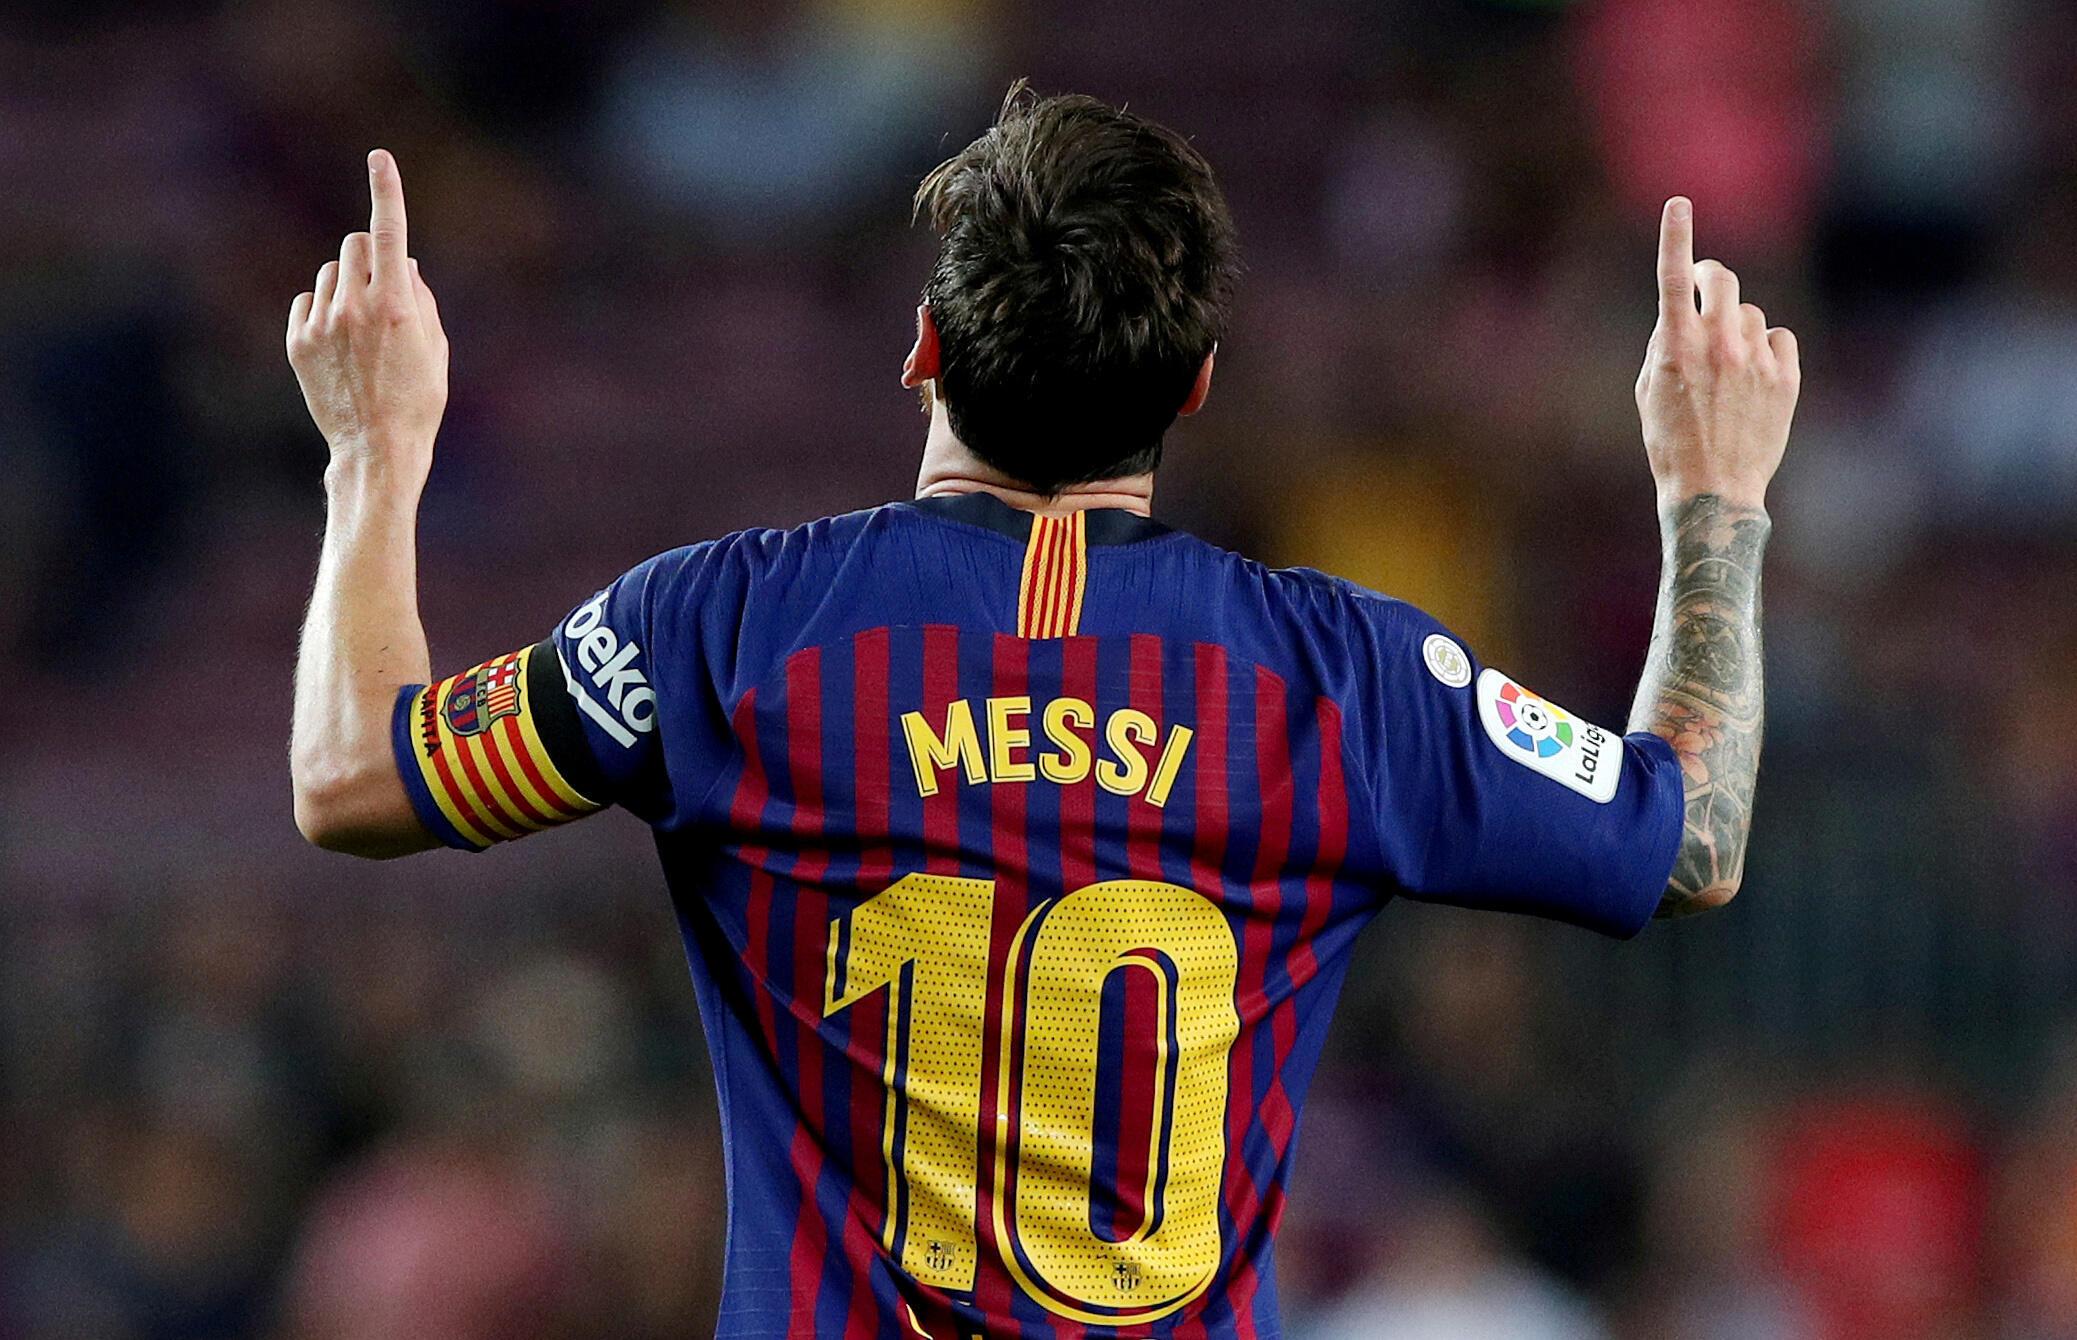 ليونيل ميسي لاعب برشلونة، إسبانيا - 18 أغسطس / آب 2018